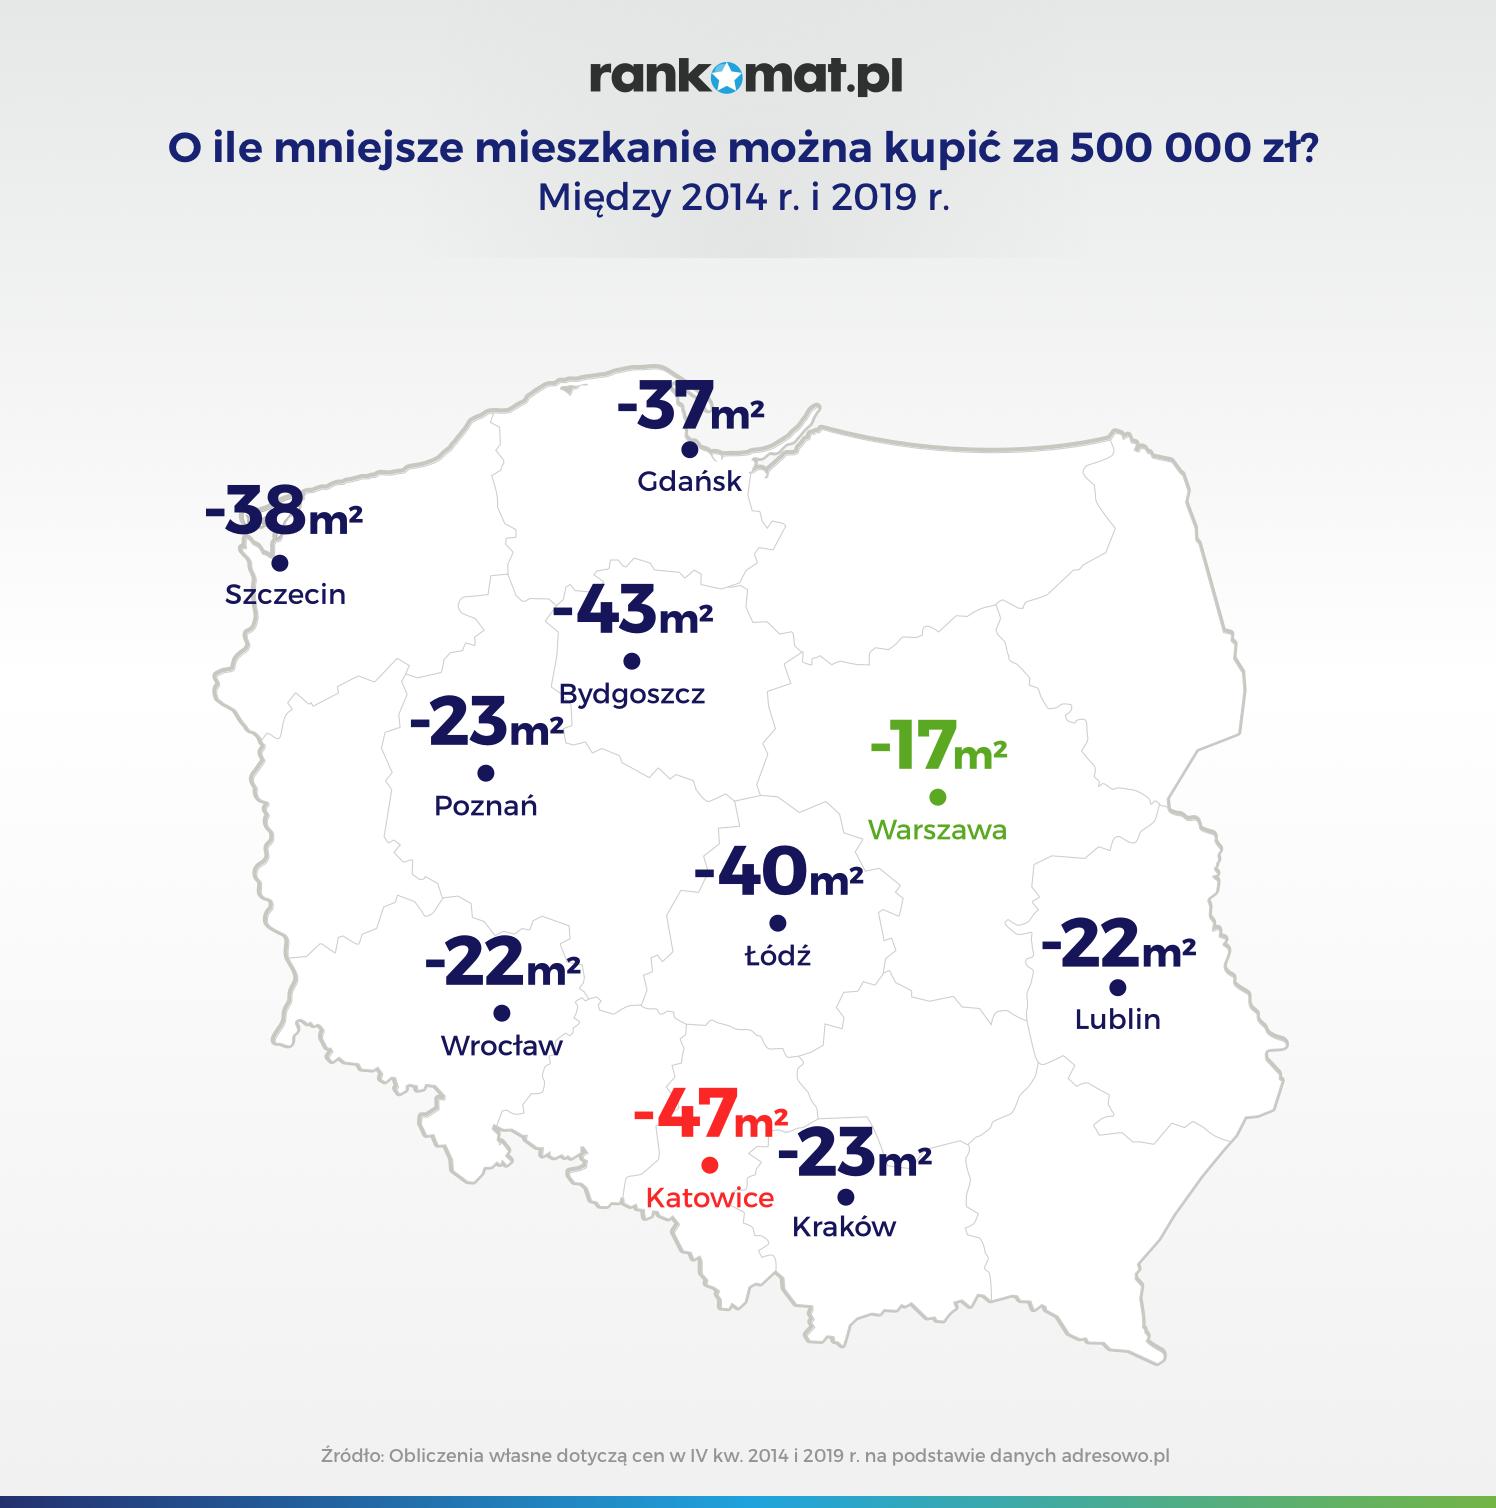 O ile mniejsze są mieszkania warte 500 000 zł_v3 (1)